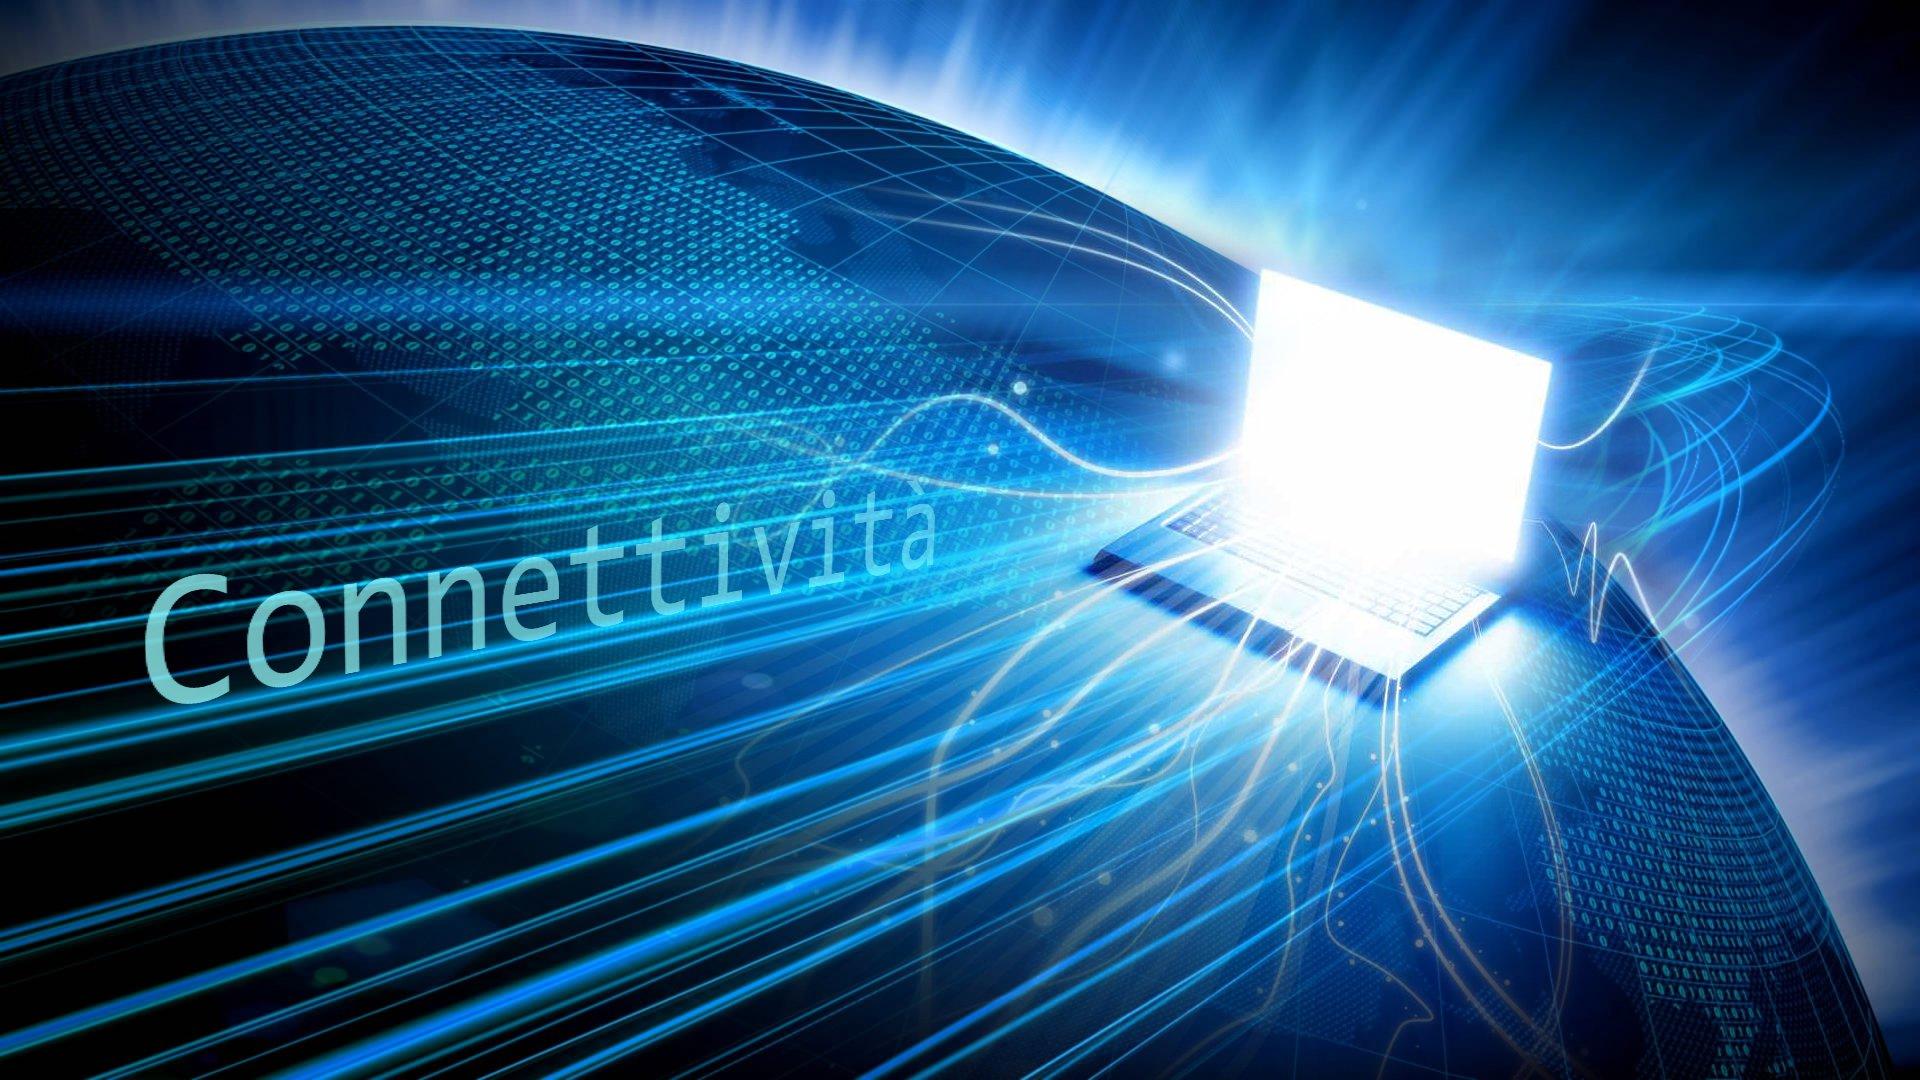 Centralni Voip virtuali forniti dai maggiori carrier nazionali Tim, Fastweb, WindTre.